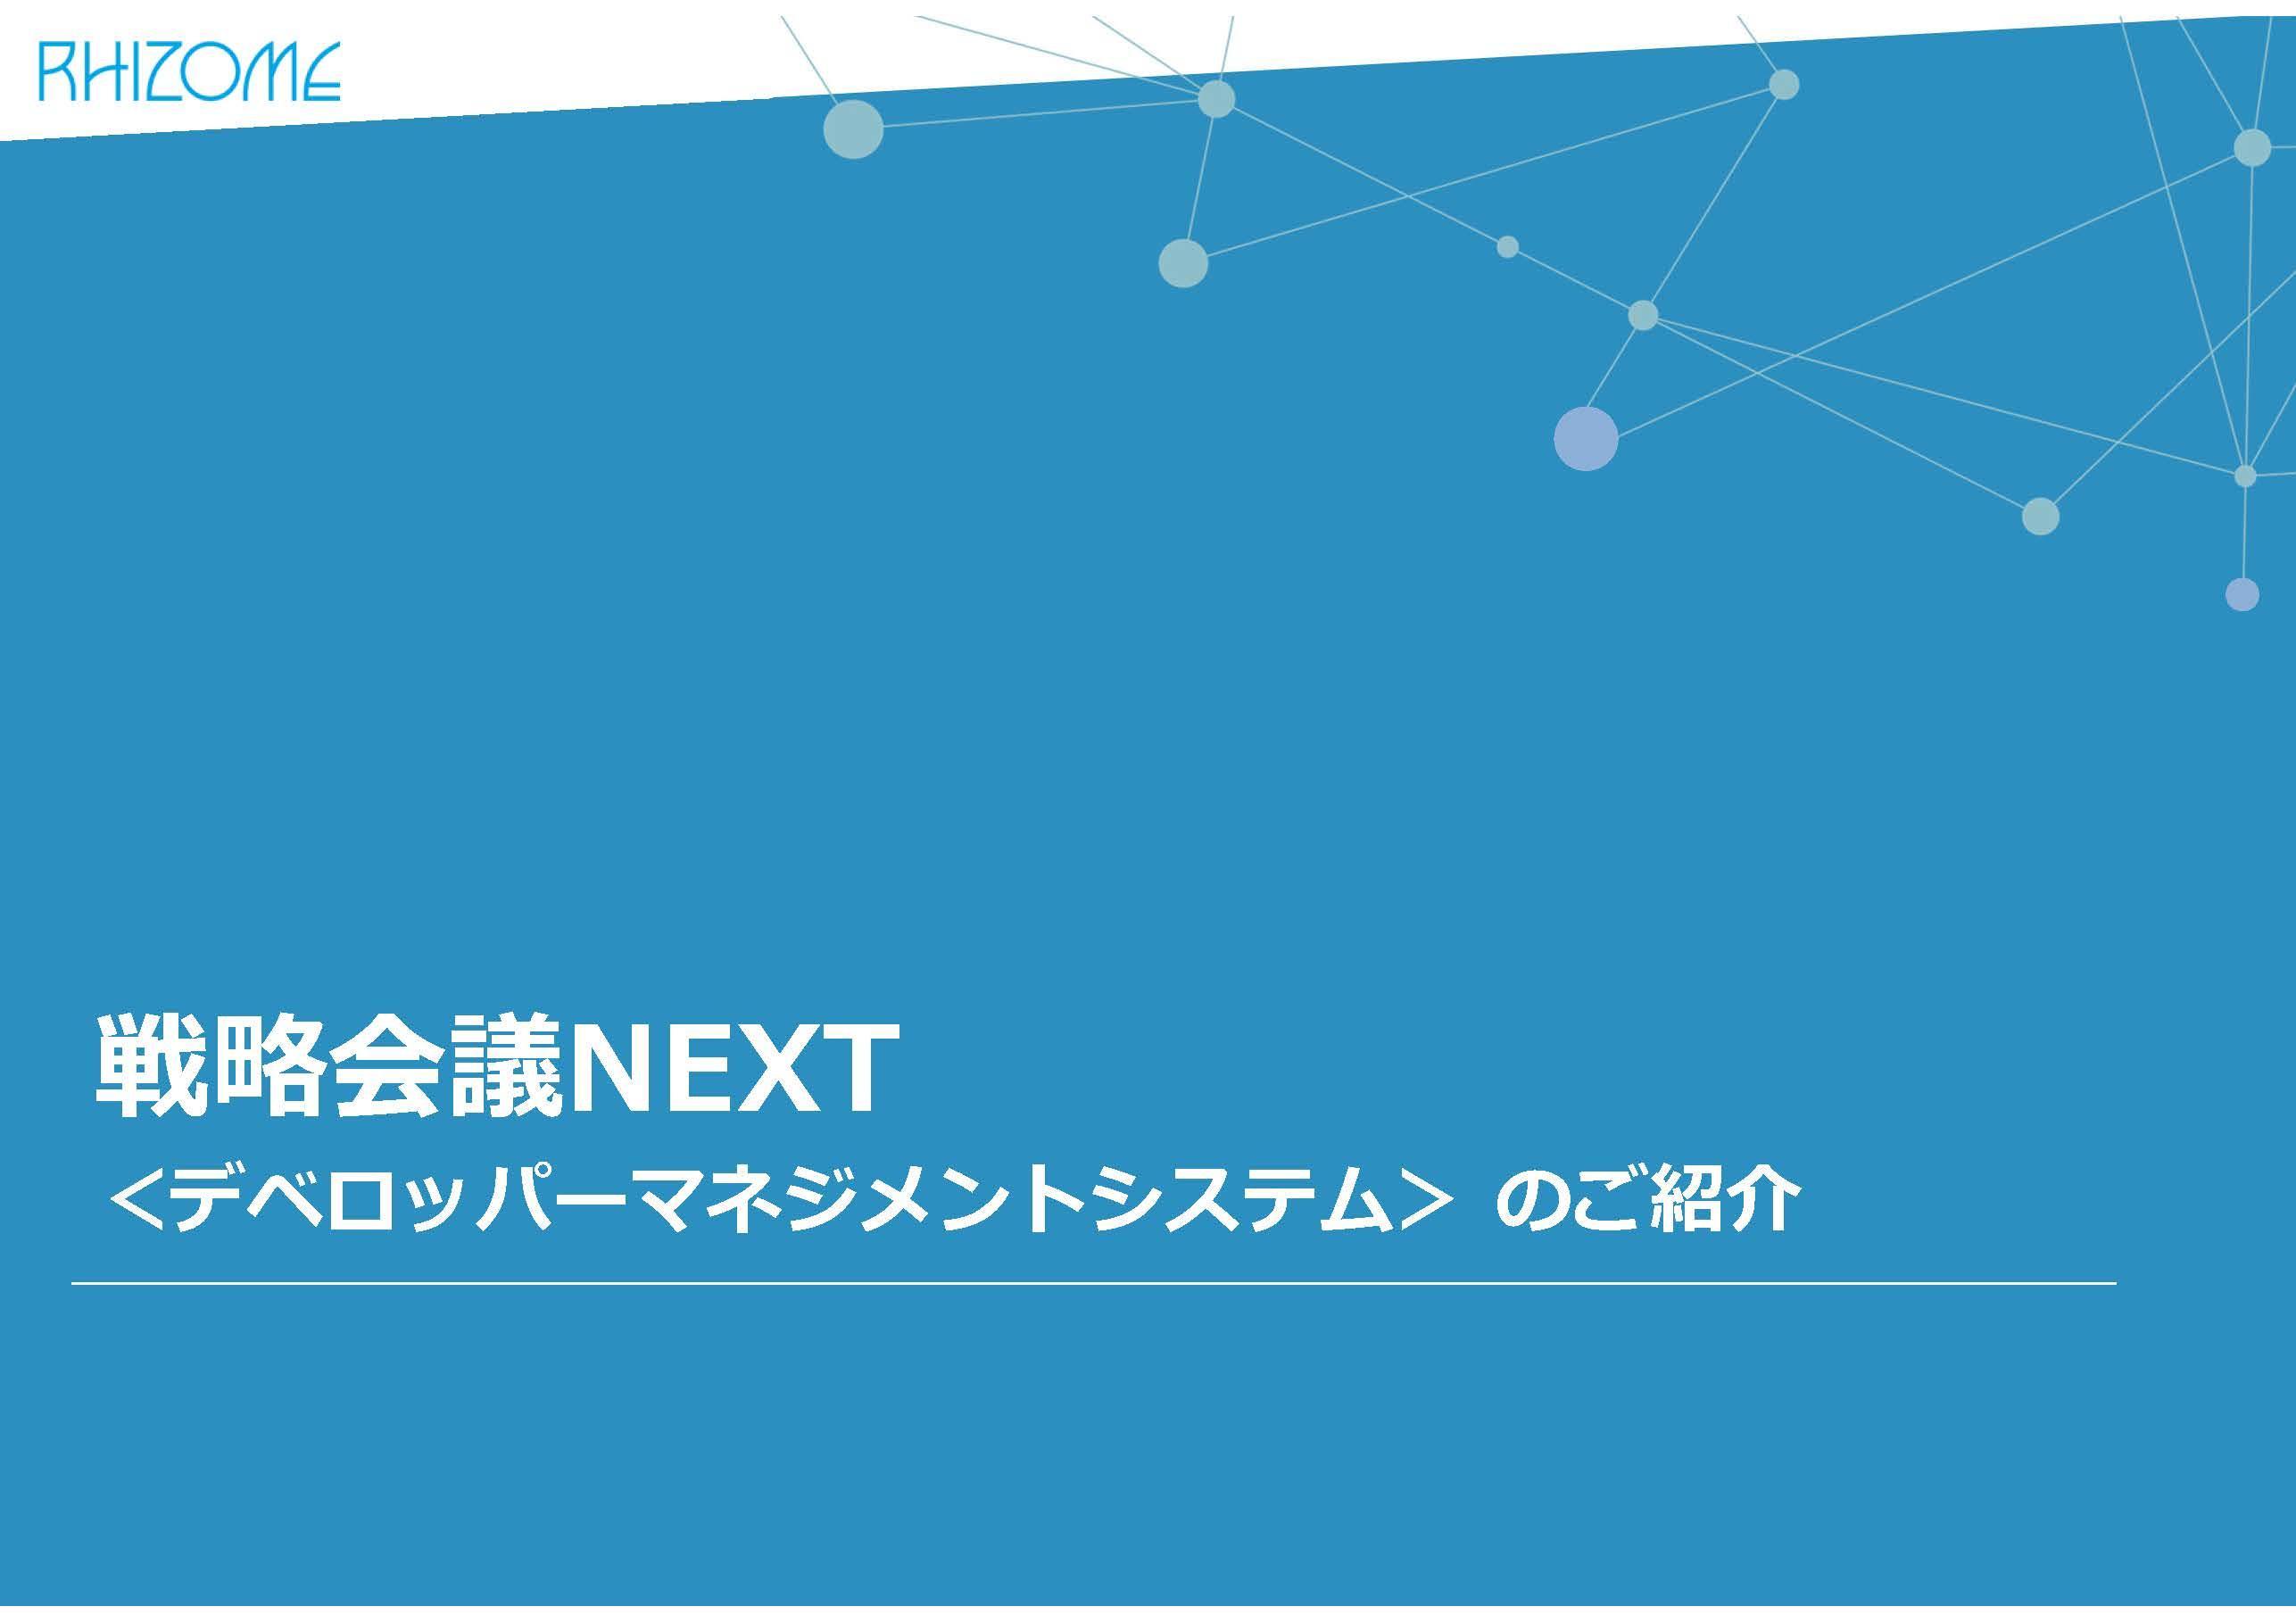 戦略会議NEXT(DMS) 製品パンフレット